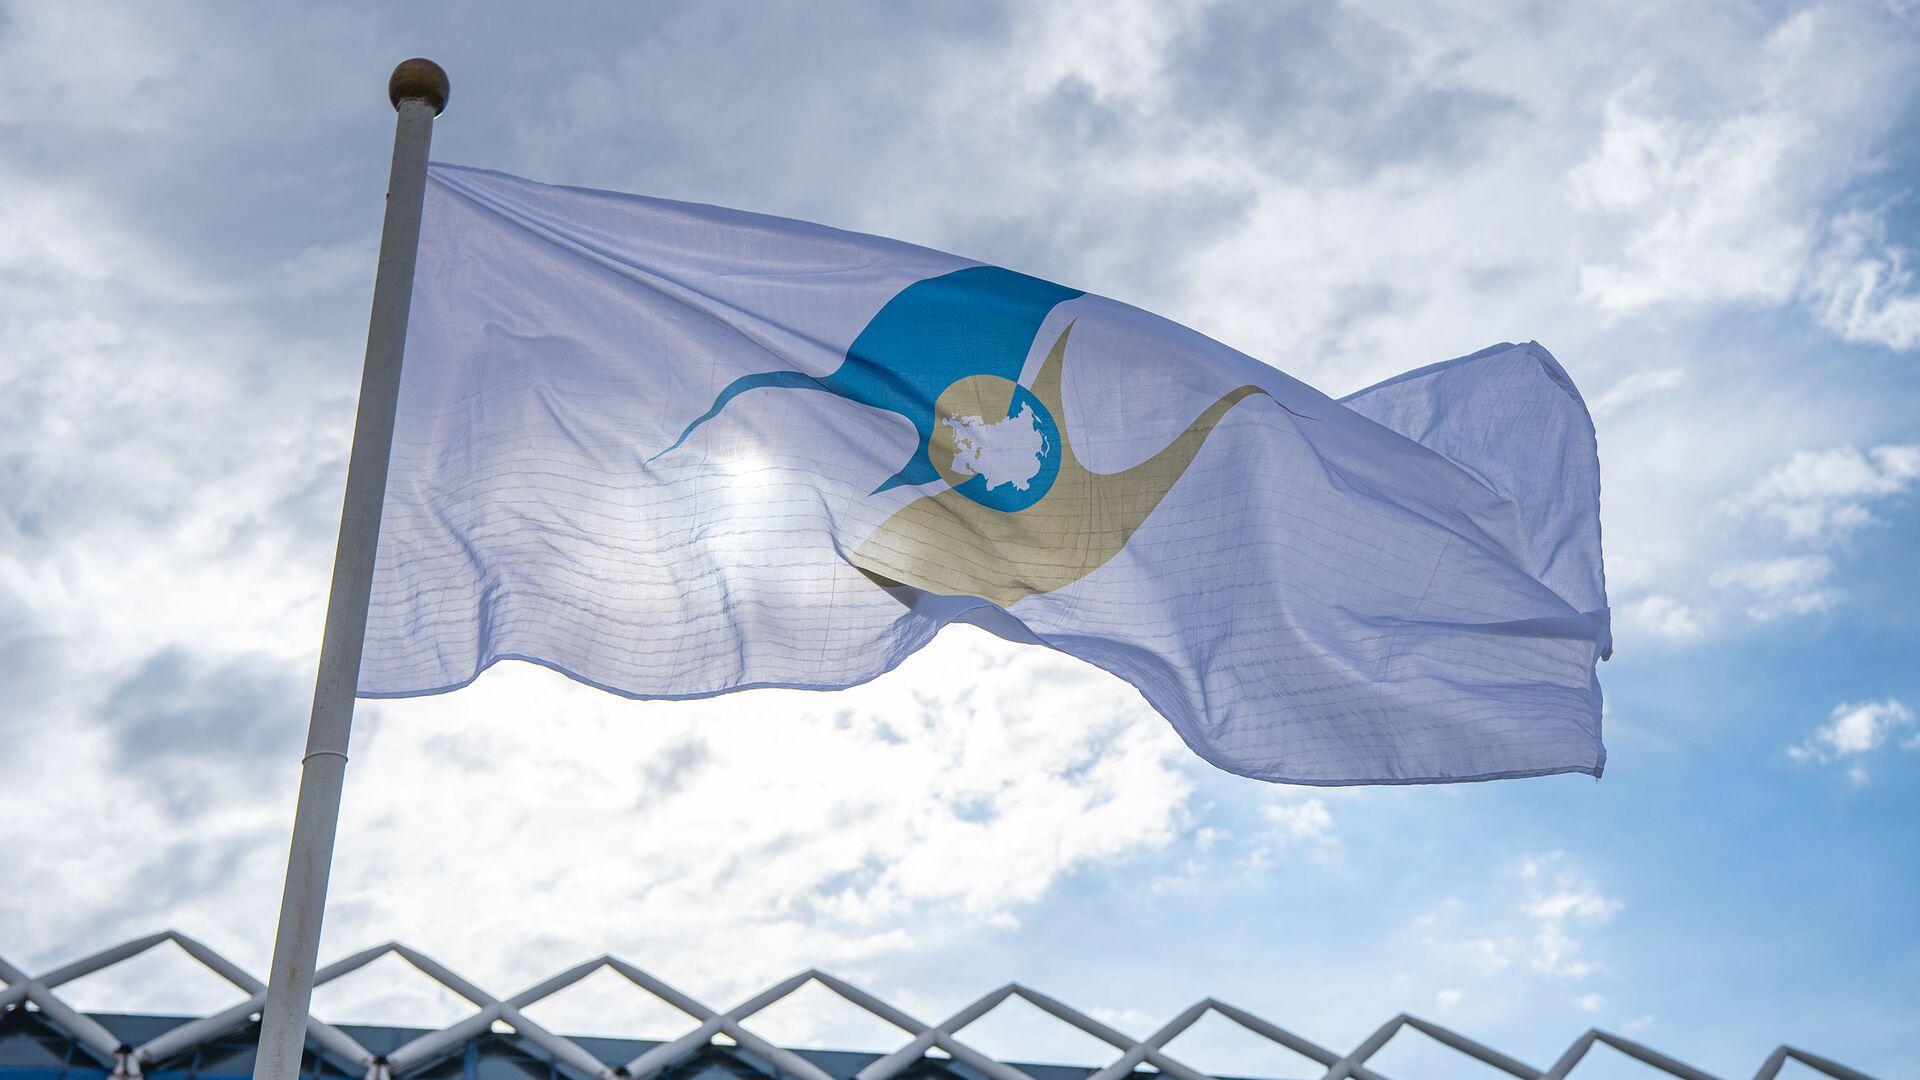 La bandera de la Unión Económica Euroasiática - Sputnik Mundo, 1920, 09.03.2021